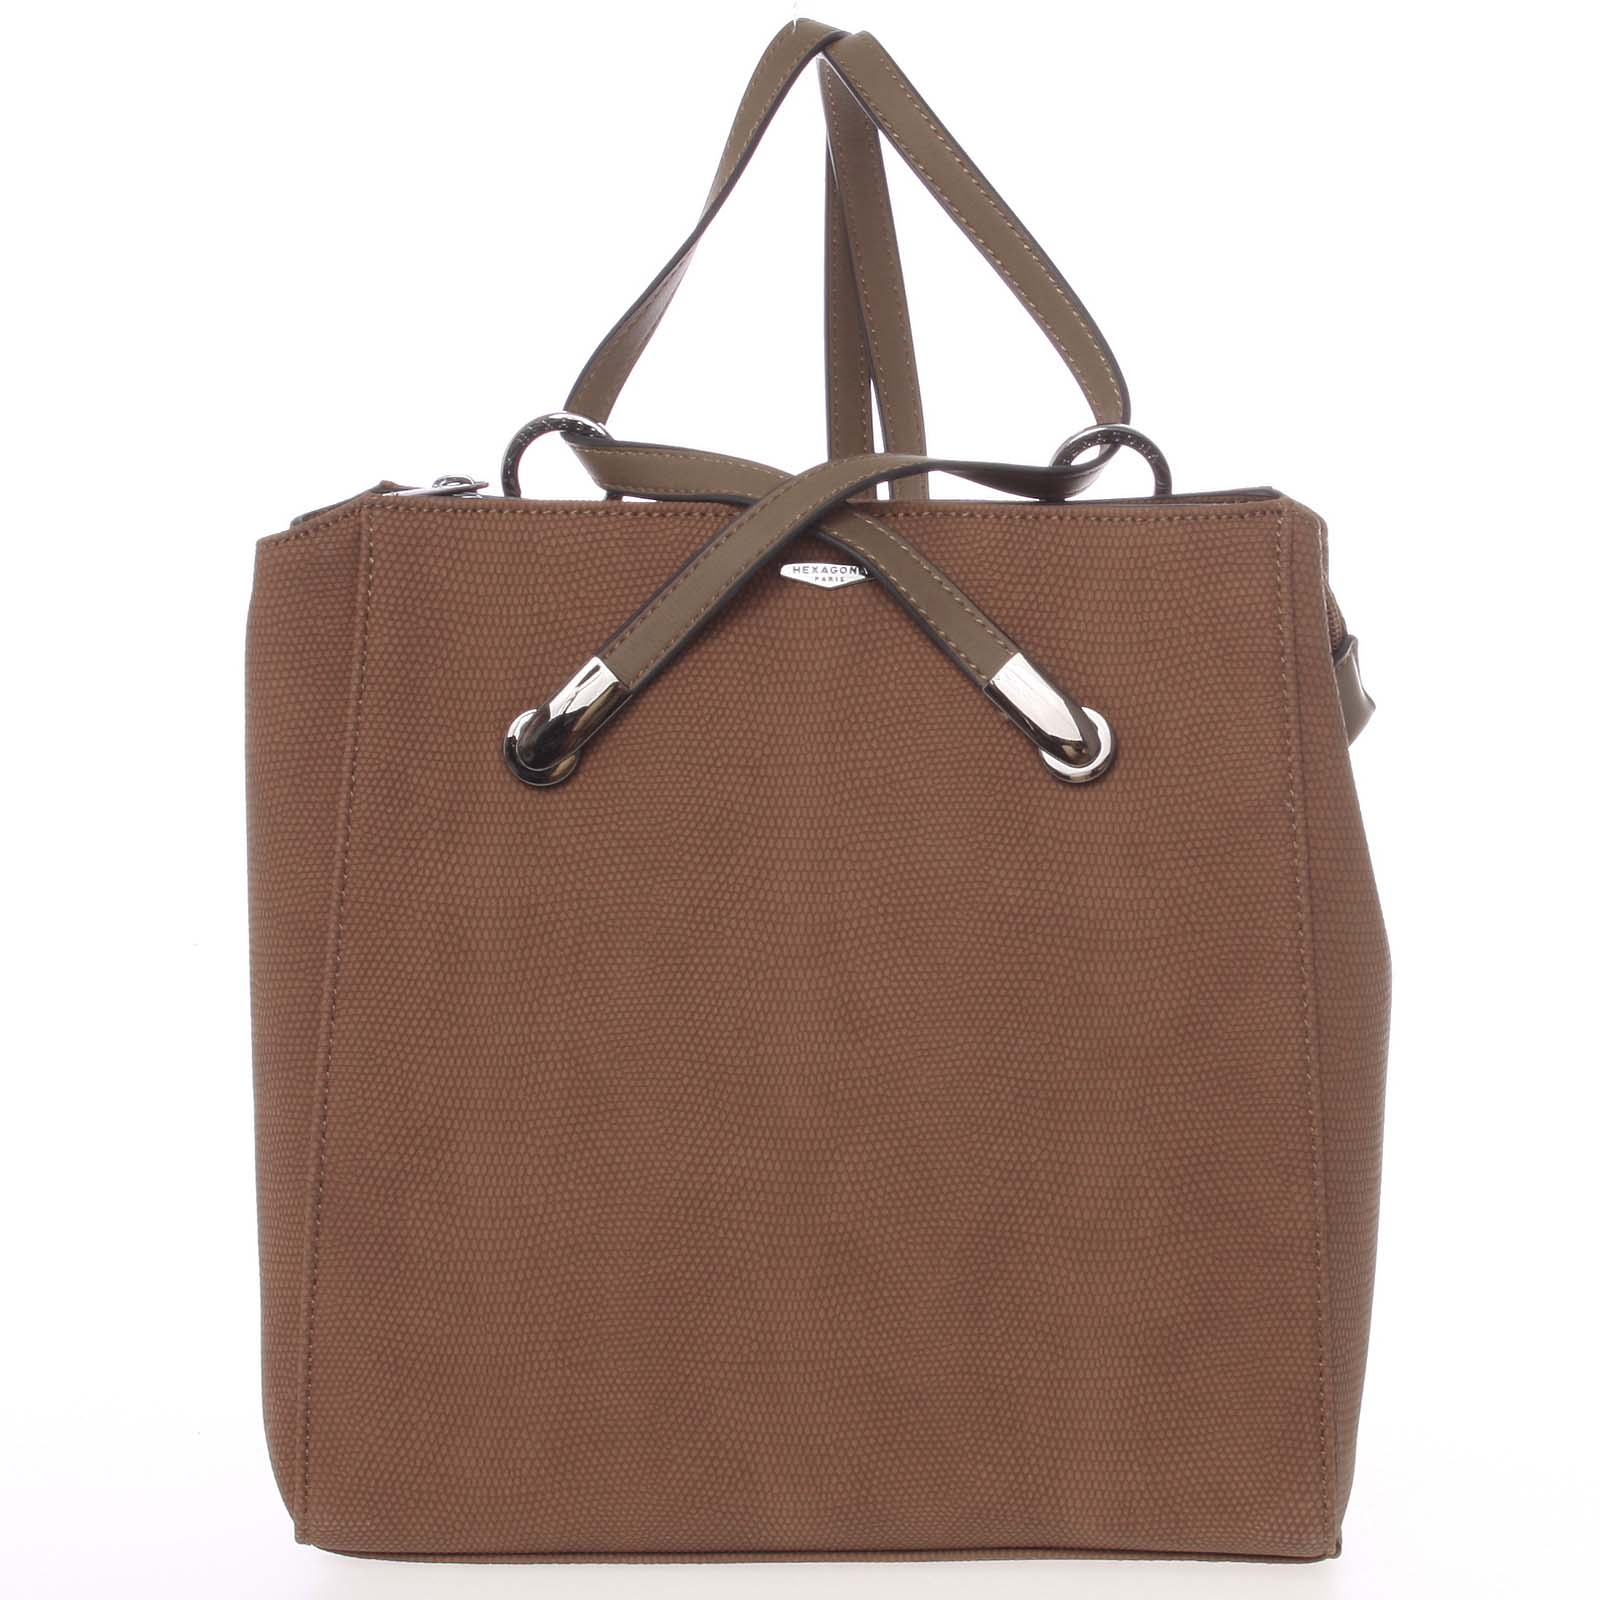 Elegantný štrukturovaný hnedý batôžtek/kabelka - Hexagona Bure hnedá